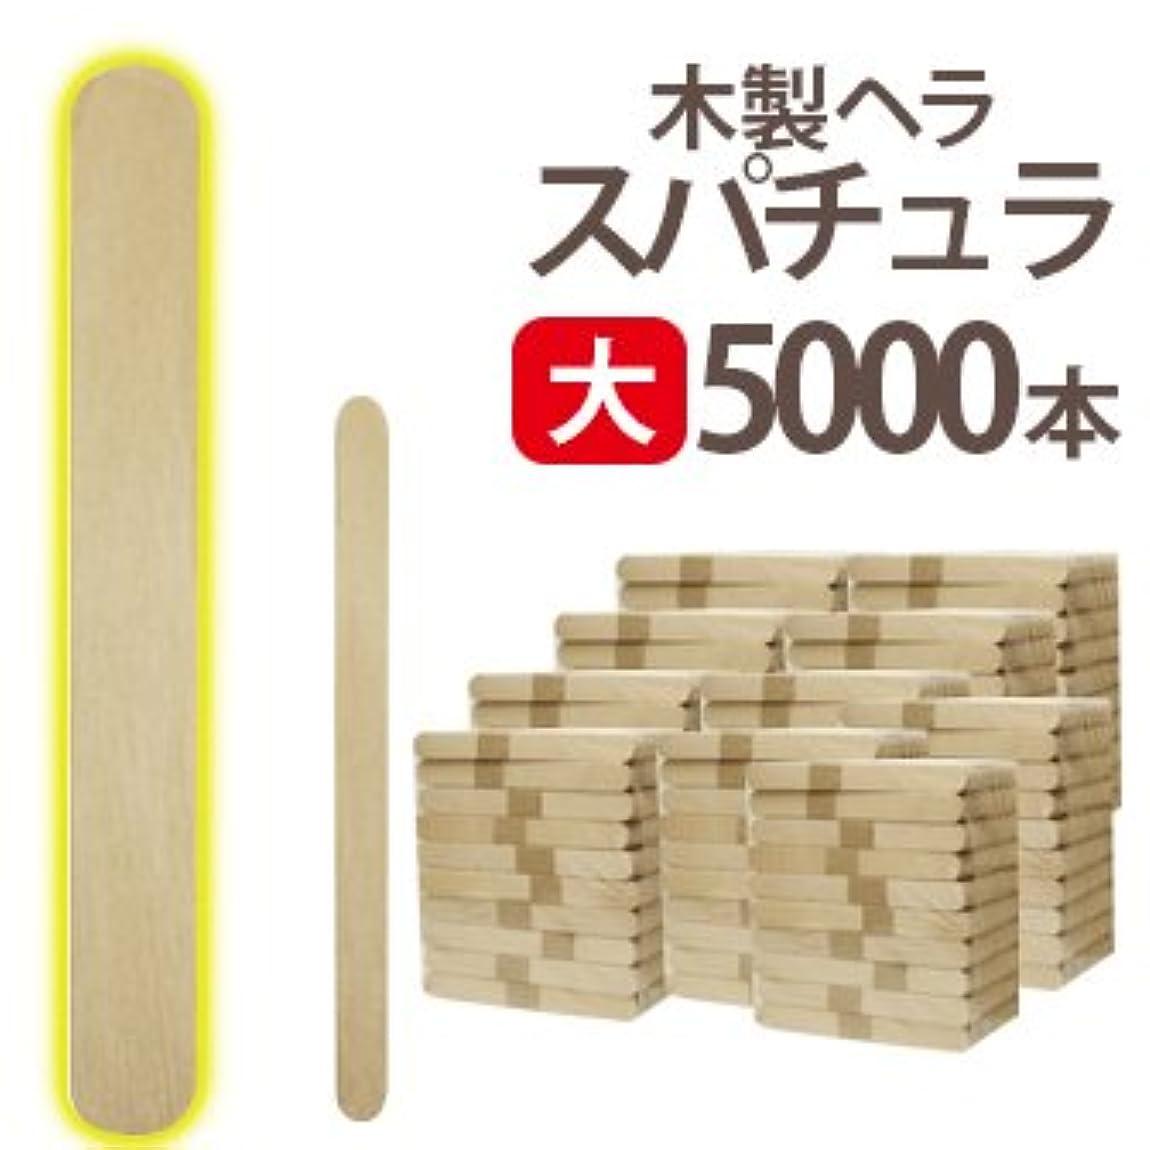 集まる受ける嘆く大 ブラジリアンワックス 業務用5000本 スパチュラ Aタイプ(個別梱包なし 150×16)